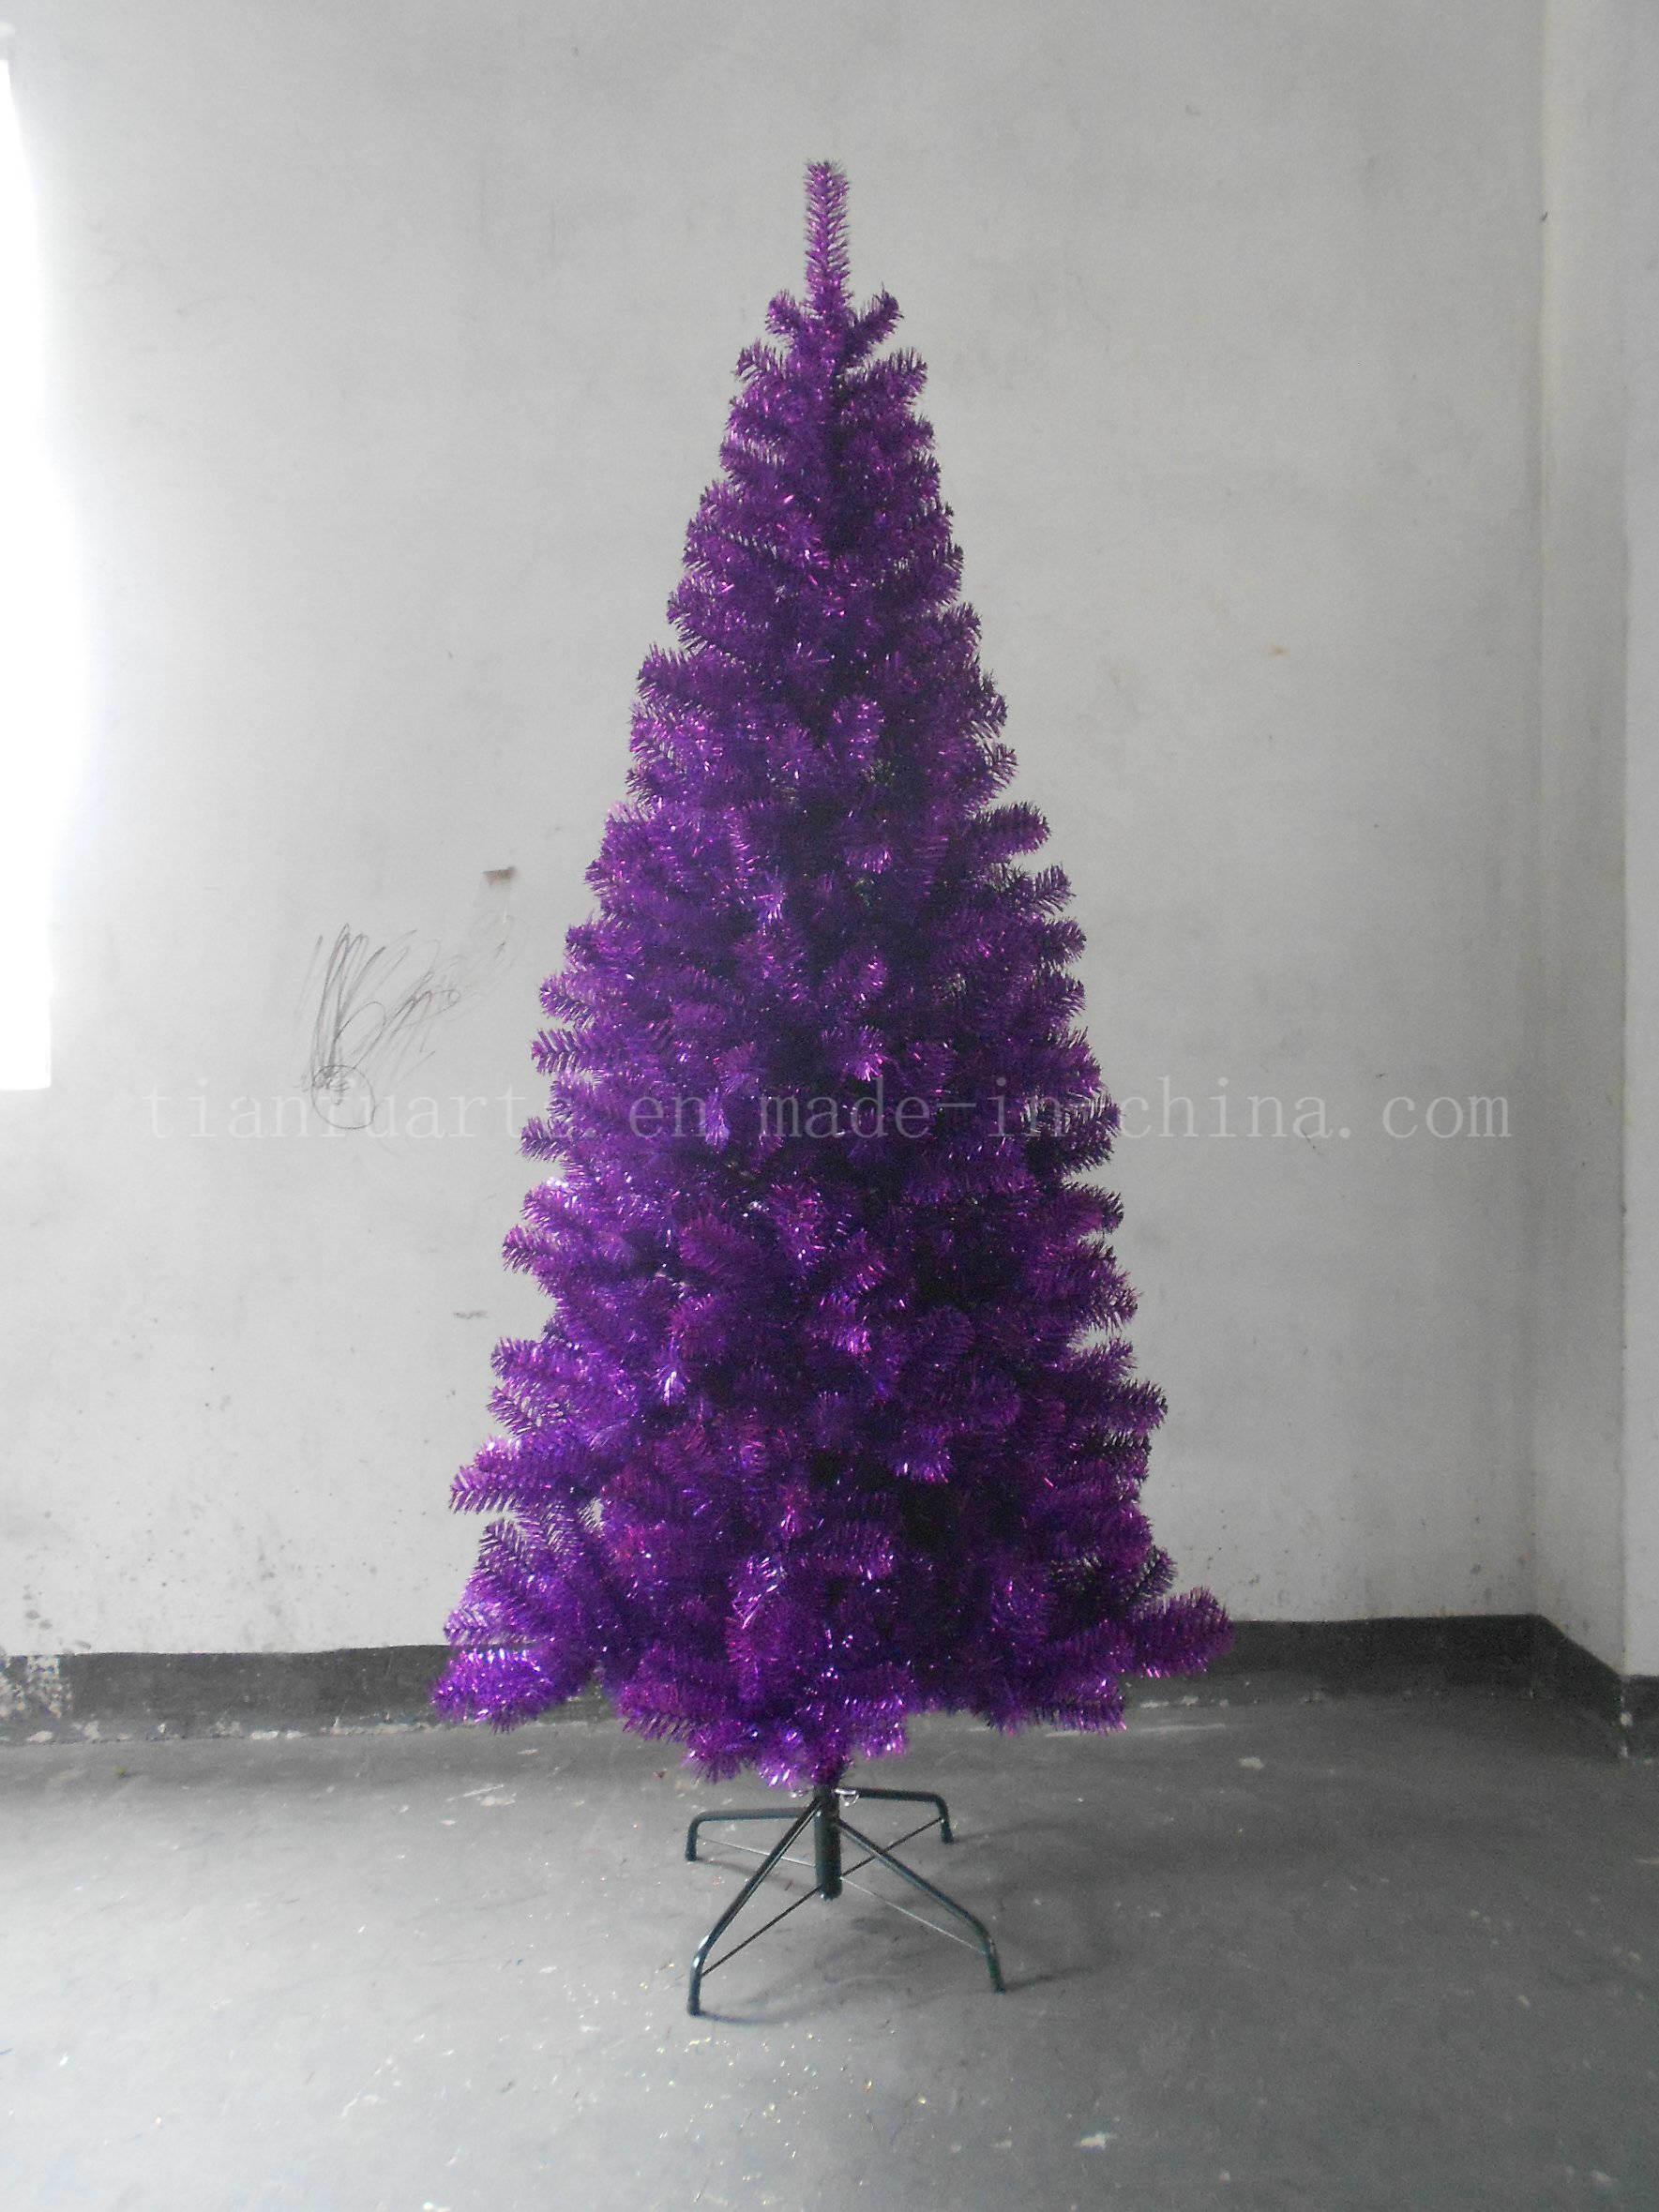 Holographic Christmas Tree.China Christmas Tinsel Tree Holographic Purple Color China